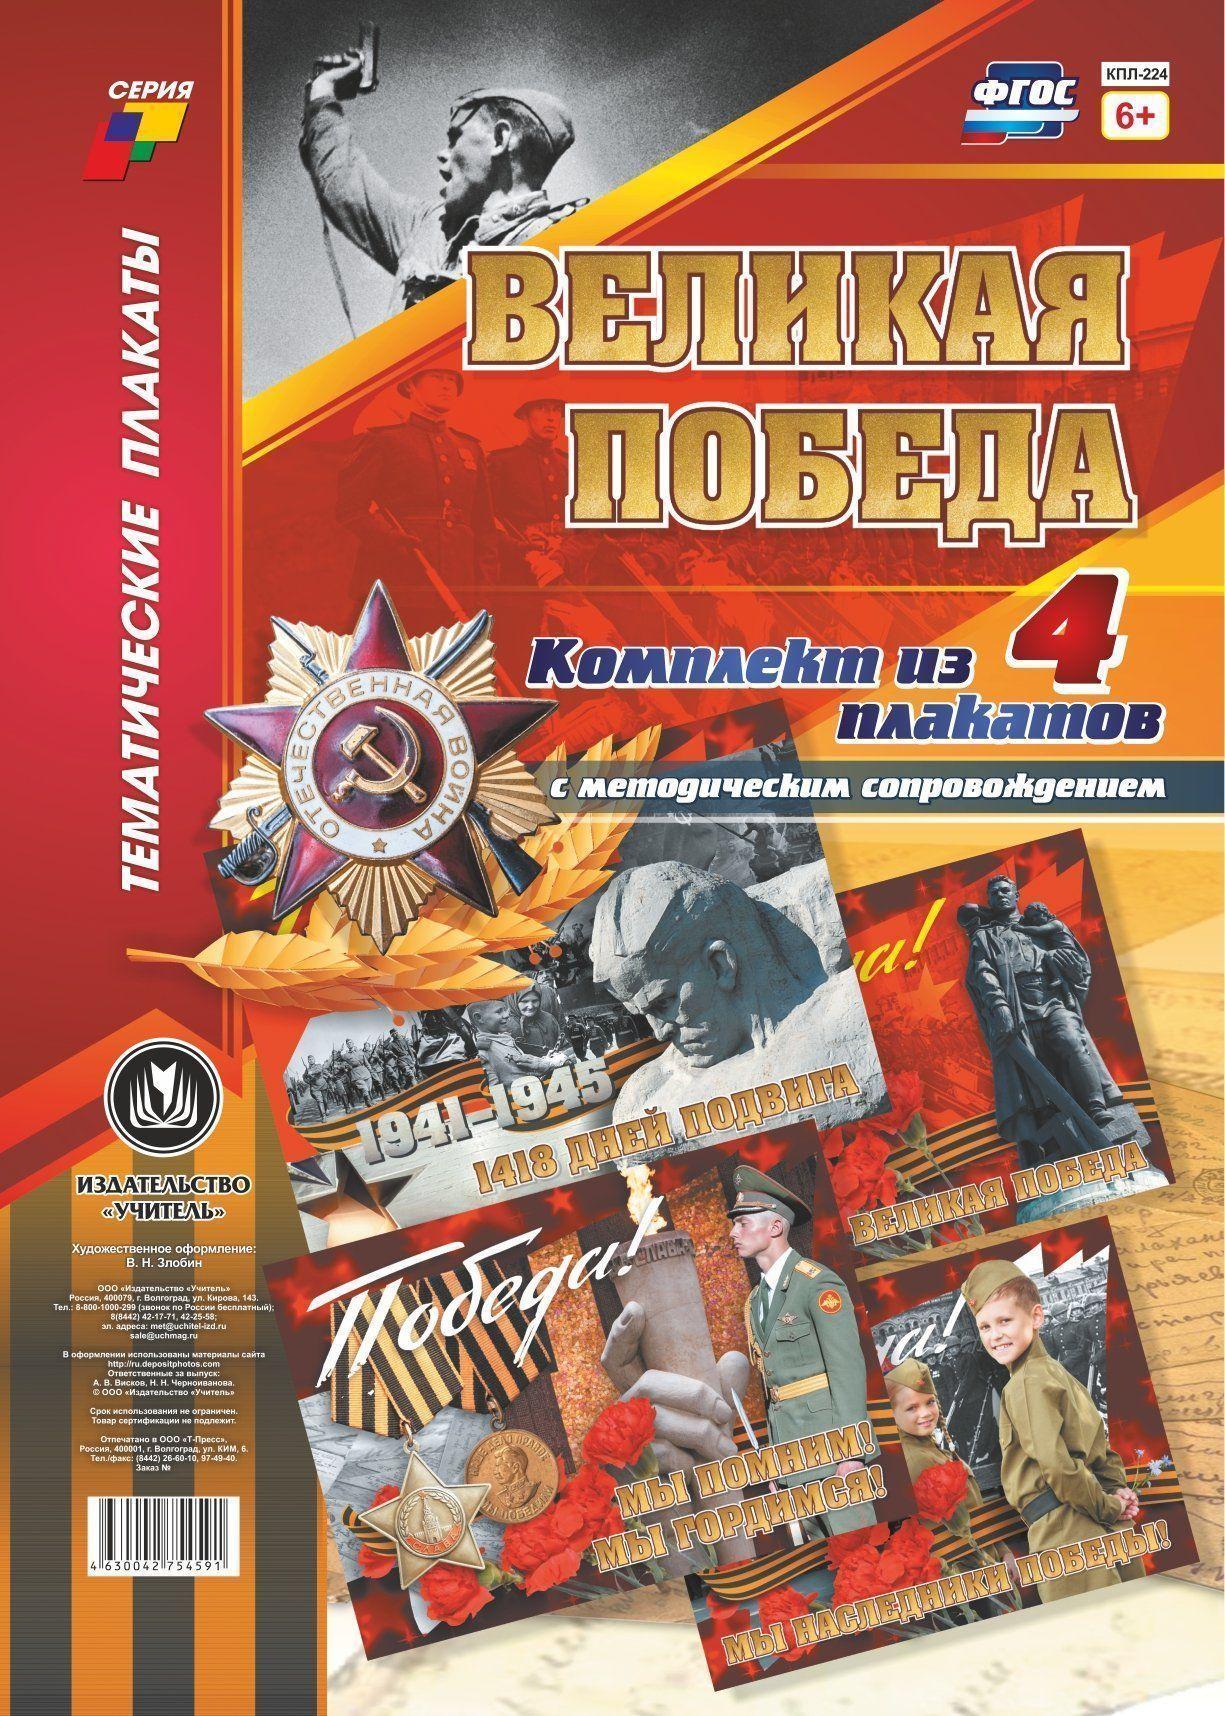 """Комплект плакатов """"Великая Победа"""": 4 плаката (Формат А3) с методическим сопровождением"""